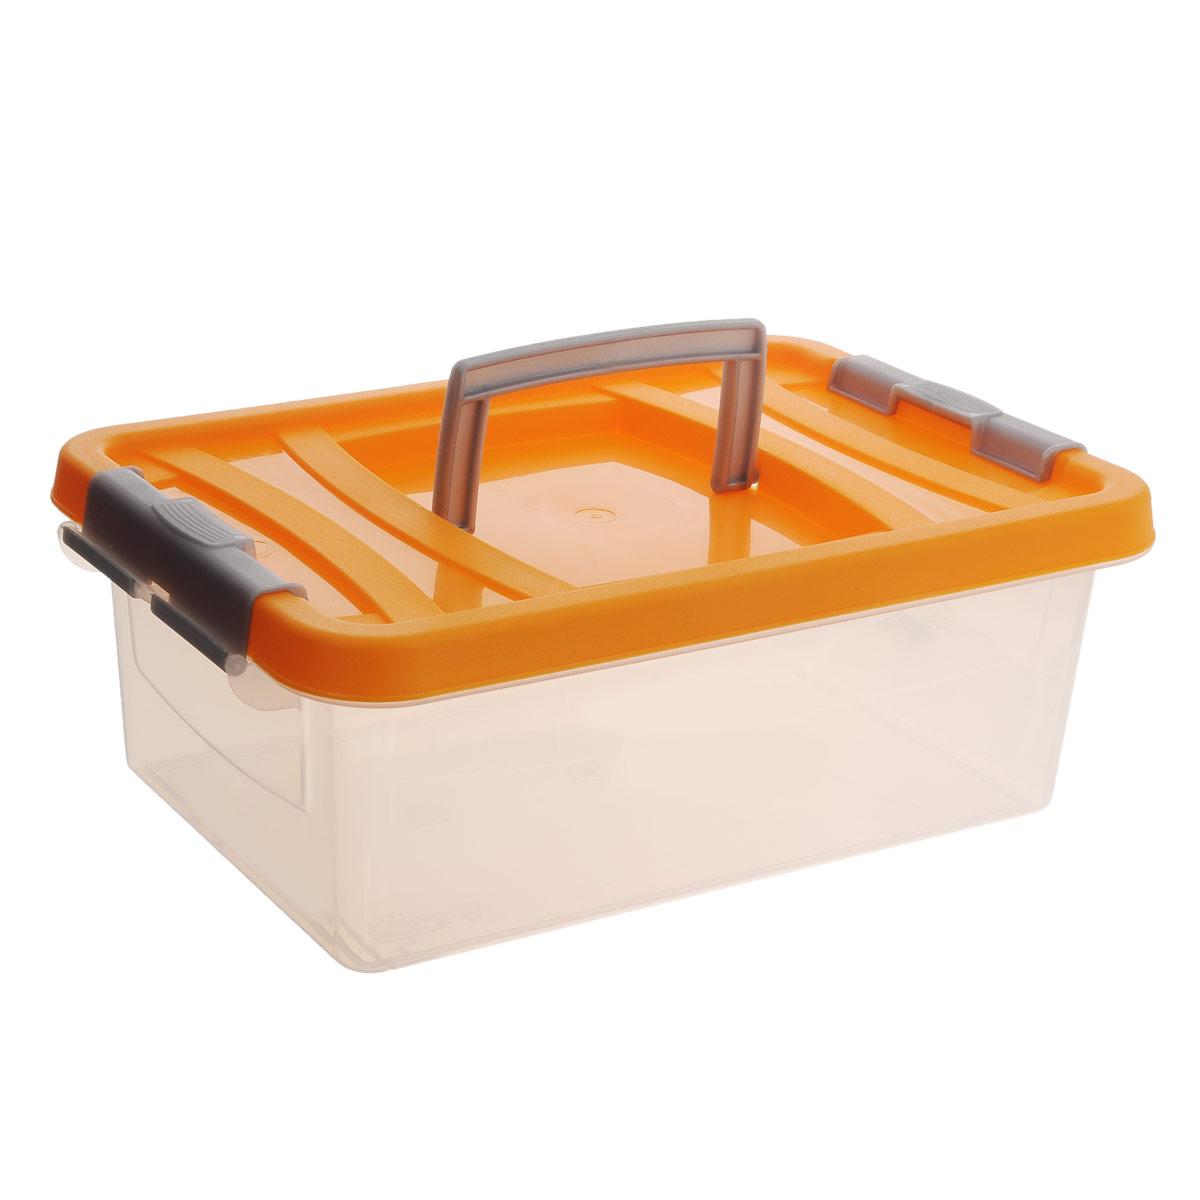 Контейнер для пищевых продуктов Martika, цвет: прозрачный, оранжевый, 6 лС205ПКонтейнер Martika прямоугольной формы предназначен специально для хранения пищевыхпродуктов. Устойчив к воздействию масел и жиров, легко моется. Крышка легко открываетсяи плотно закрывается. Имеются удобные ручки.Прозрачные стенки позволяют видеть содержимое. Контейнер имеет возможность храненияпродуктов глубокой заморозки, обладает высокой прочностью. Контейнер необыкновенно удобен:его можнобрать на пикник, за город, в поход. Можно мыть в посудомоечной машине.